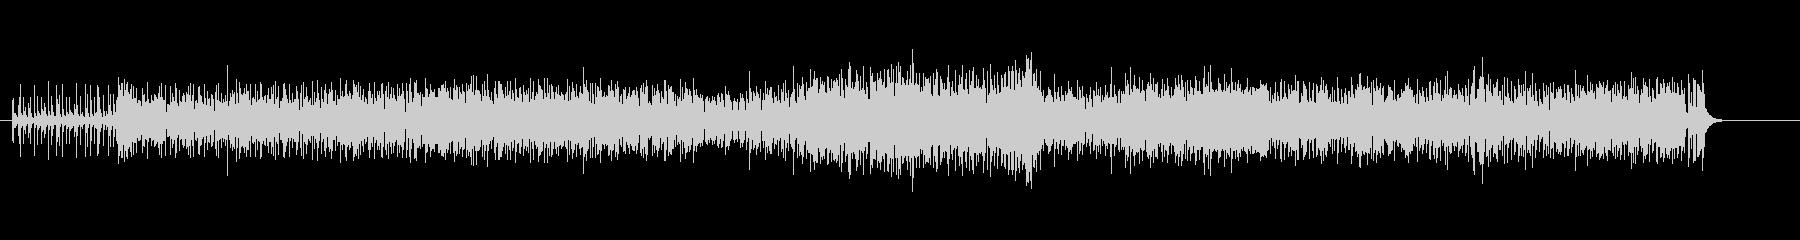 現代版60年代風ビート系ロックの未再生の波形